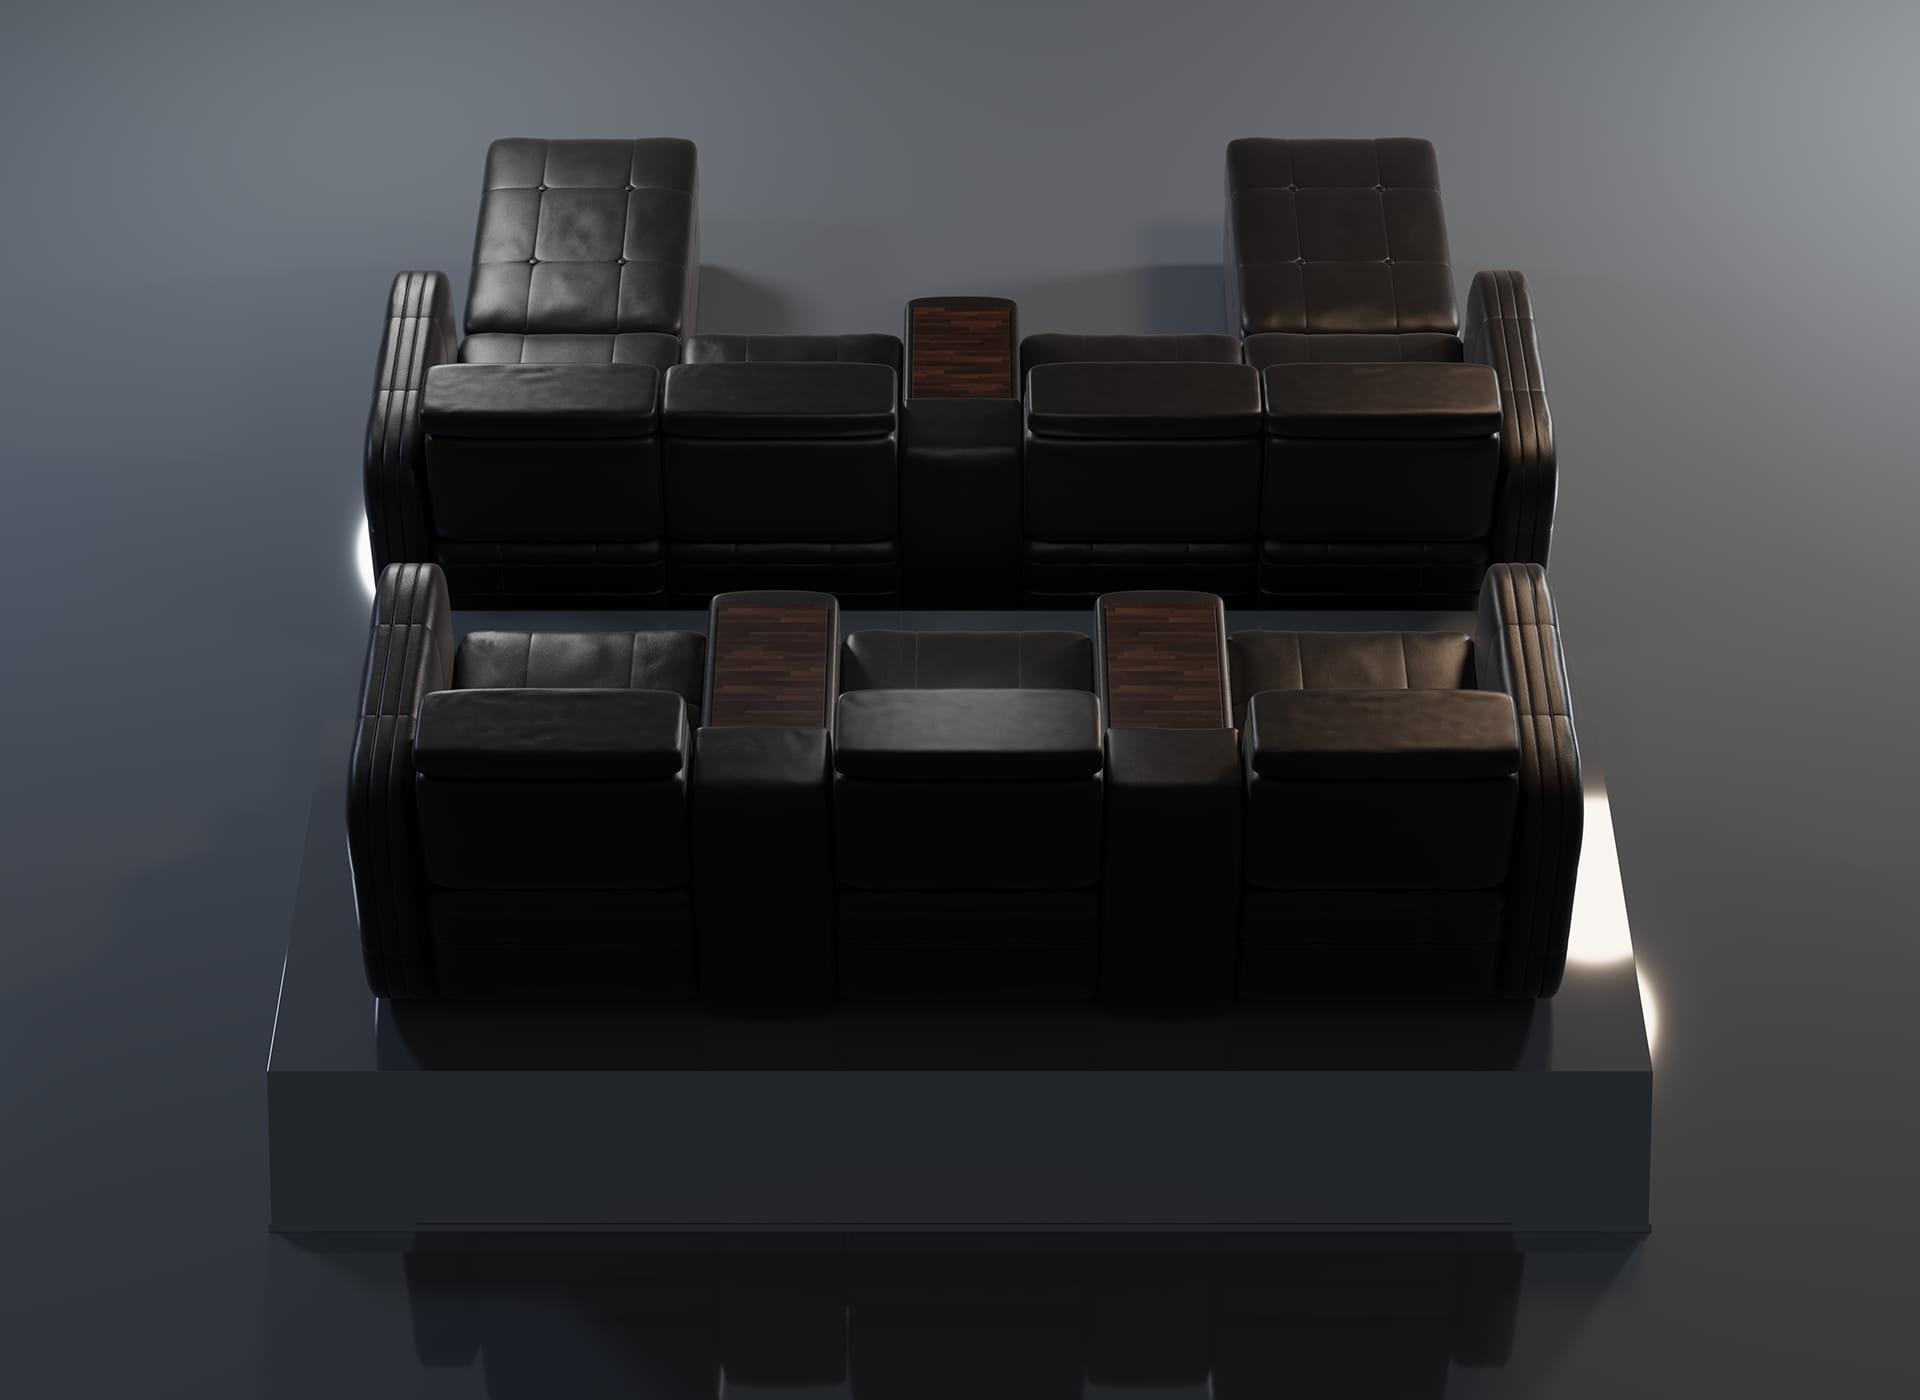 Projekt modelu 3d foteli kinowych / sofa kinowa do kina, czarna skóra oraz wykończenie drewnem - widok z tyłu